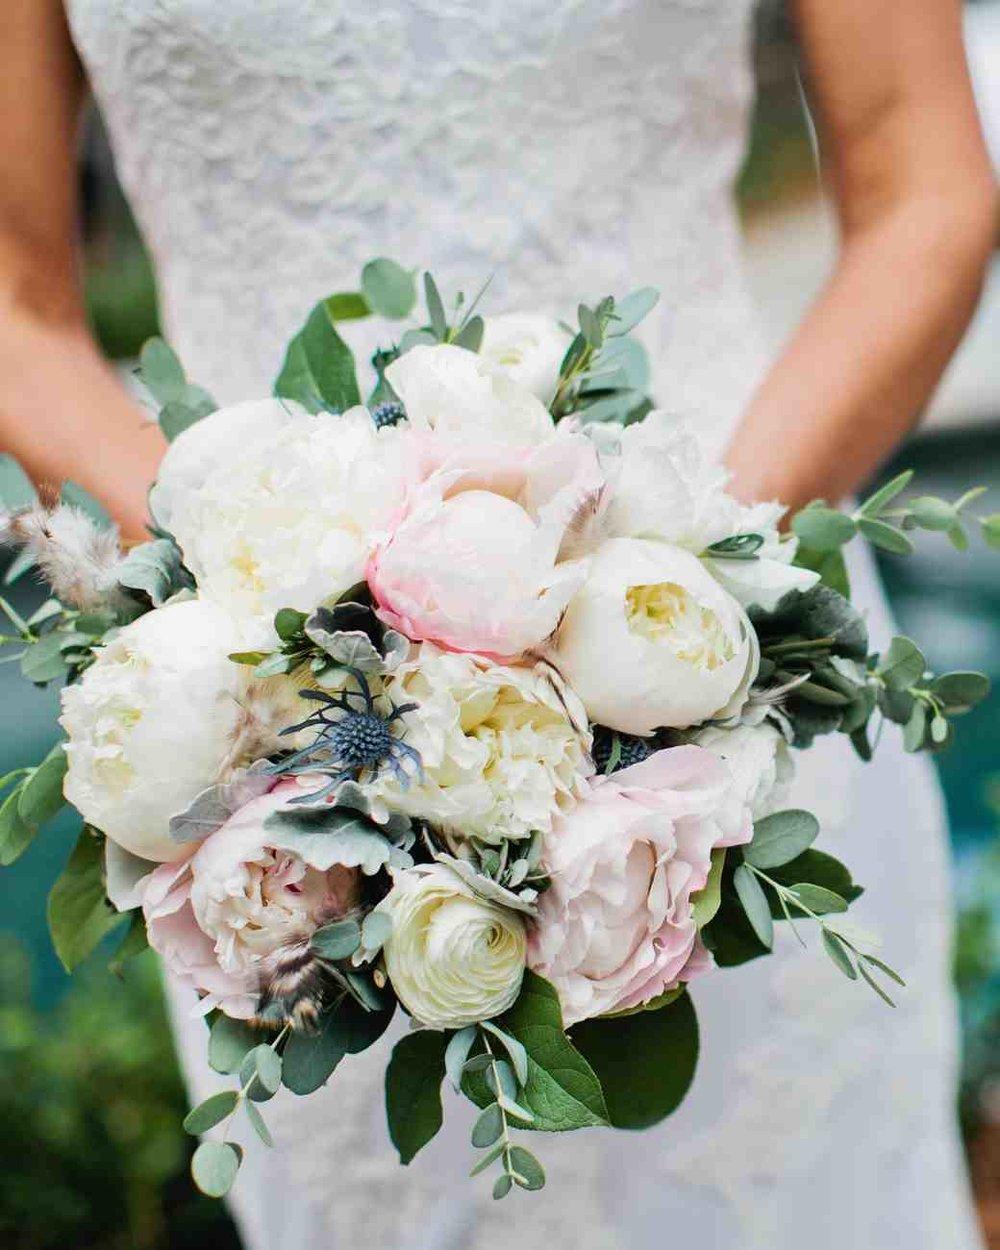 memree-rich-wedding-bouquet-234-6257086-0217_vert.jpg